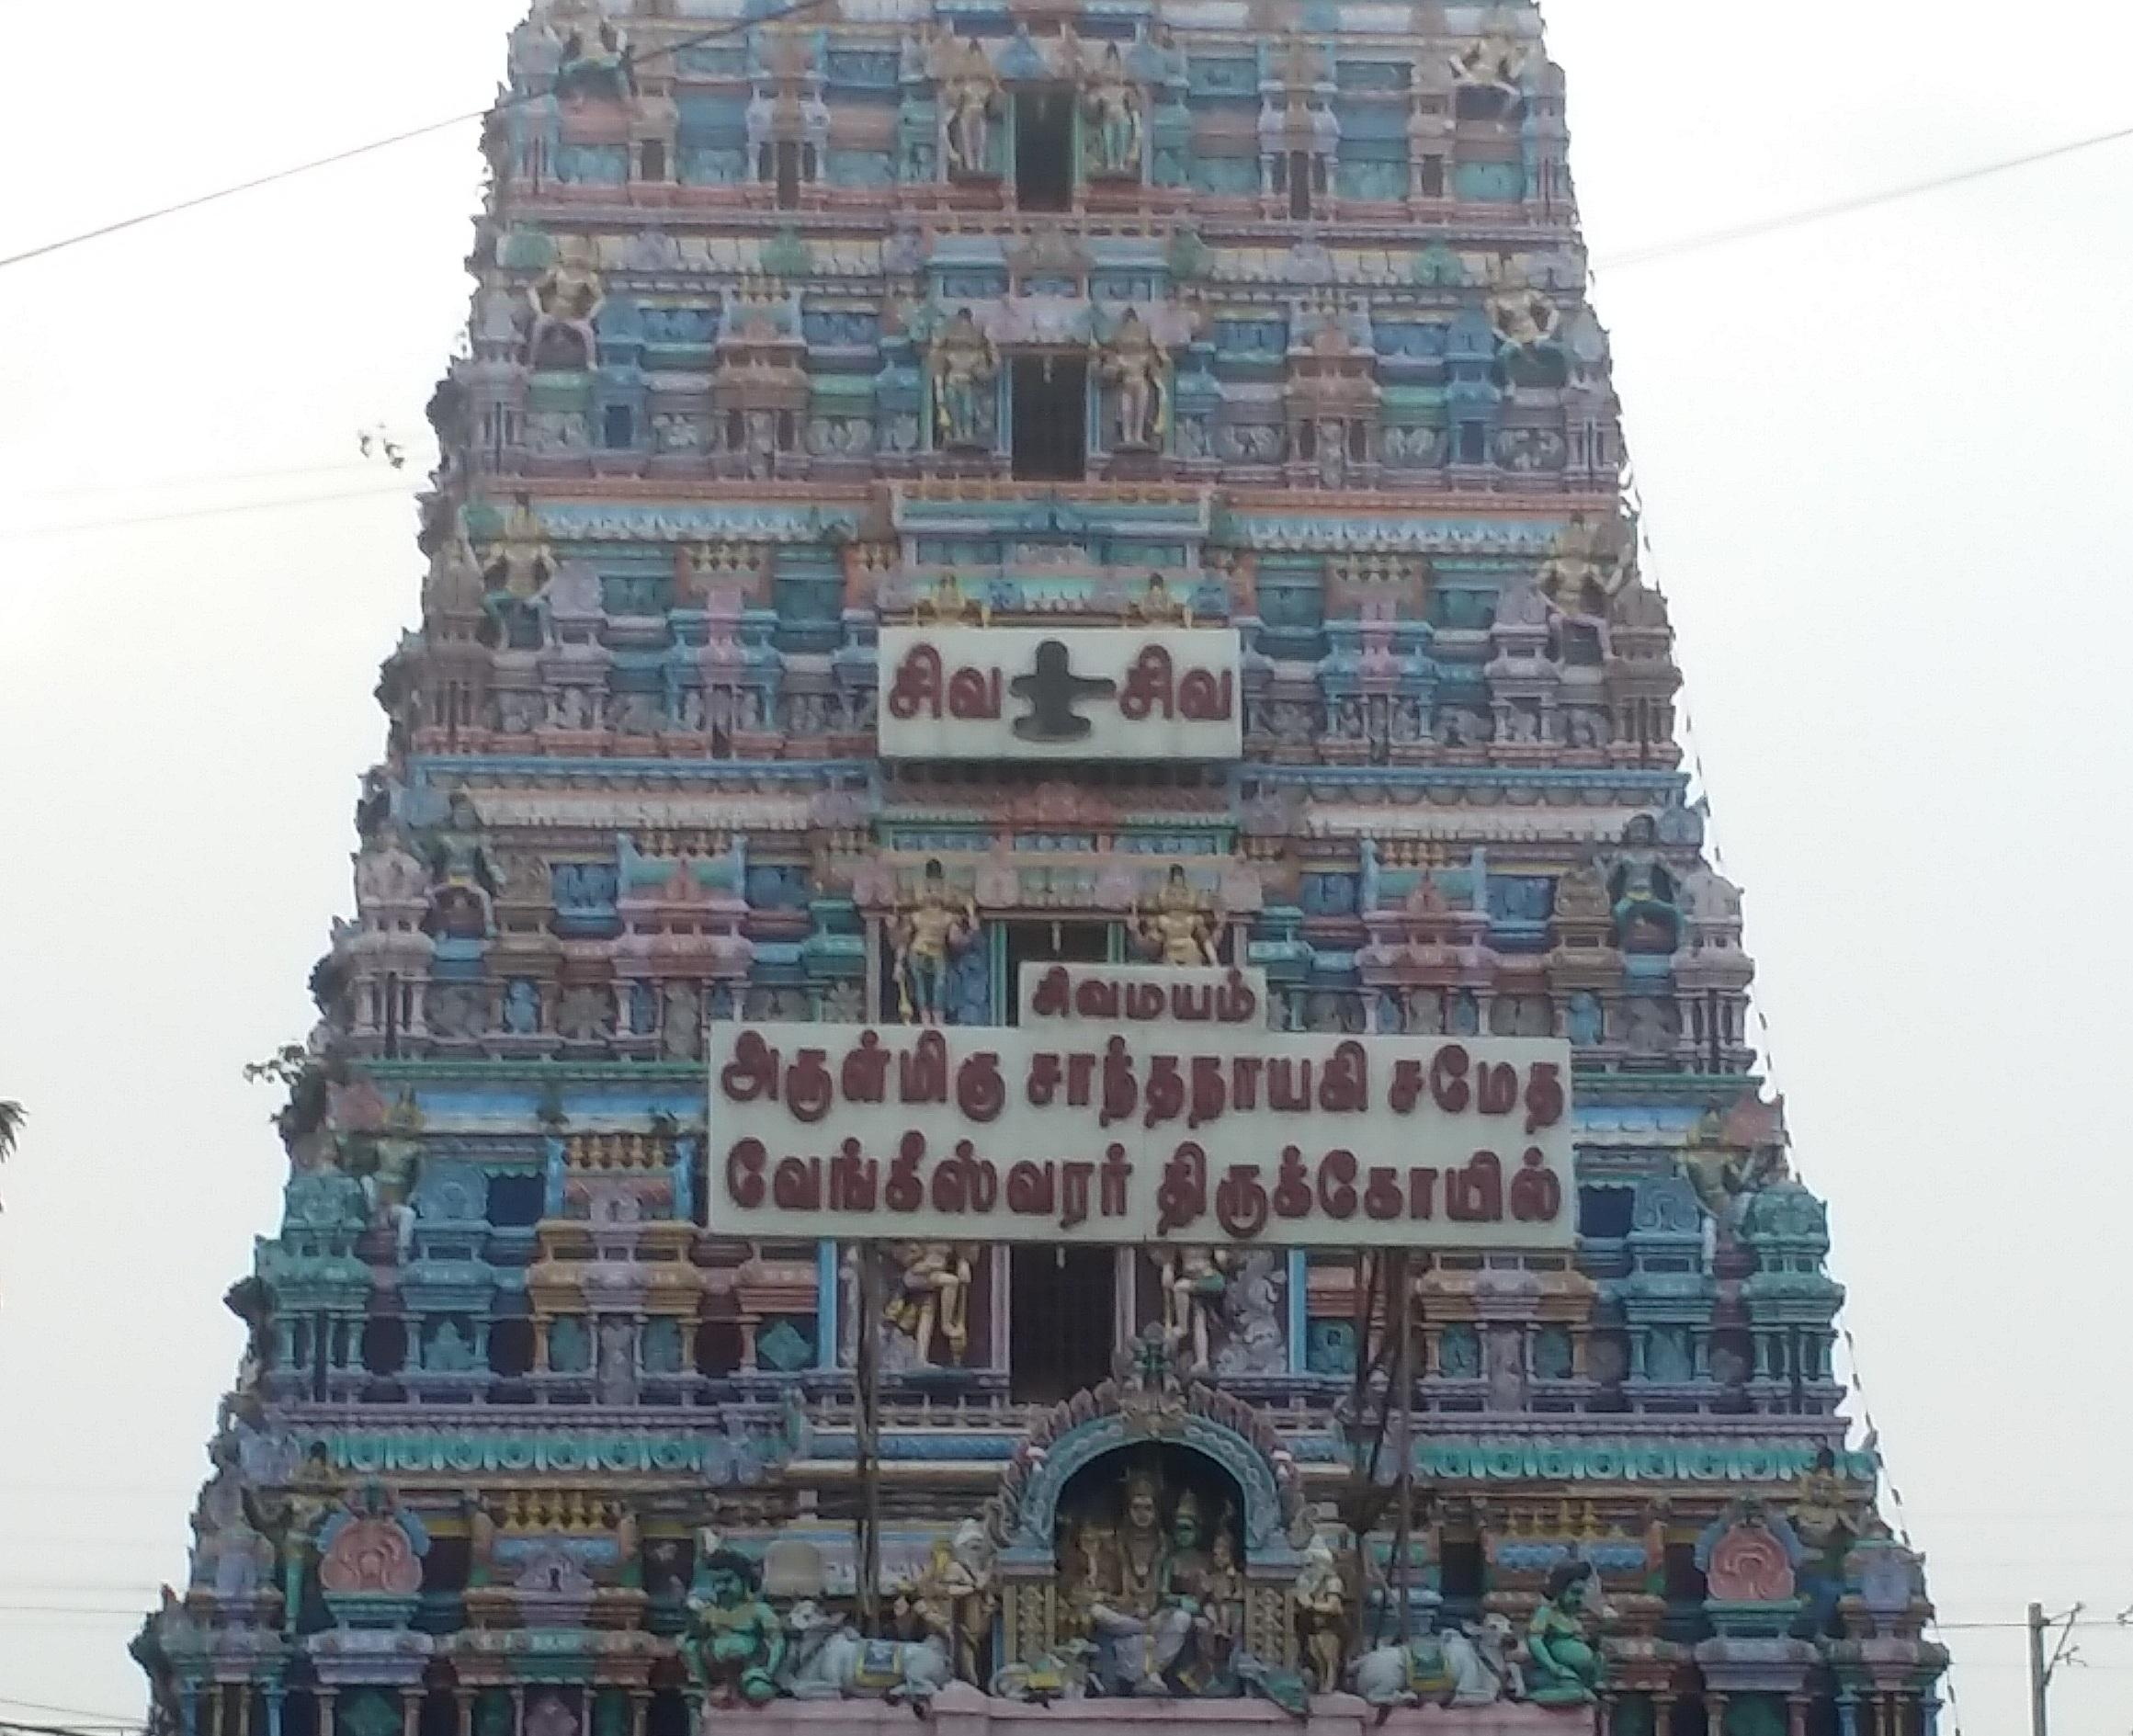 வேங்கீஸ்வரர் கோயில்